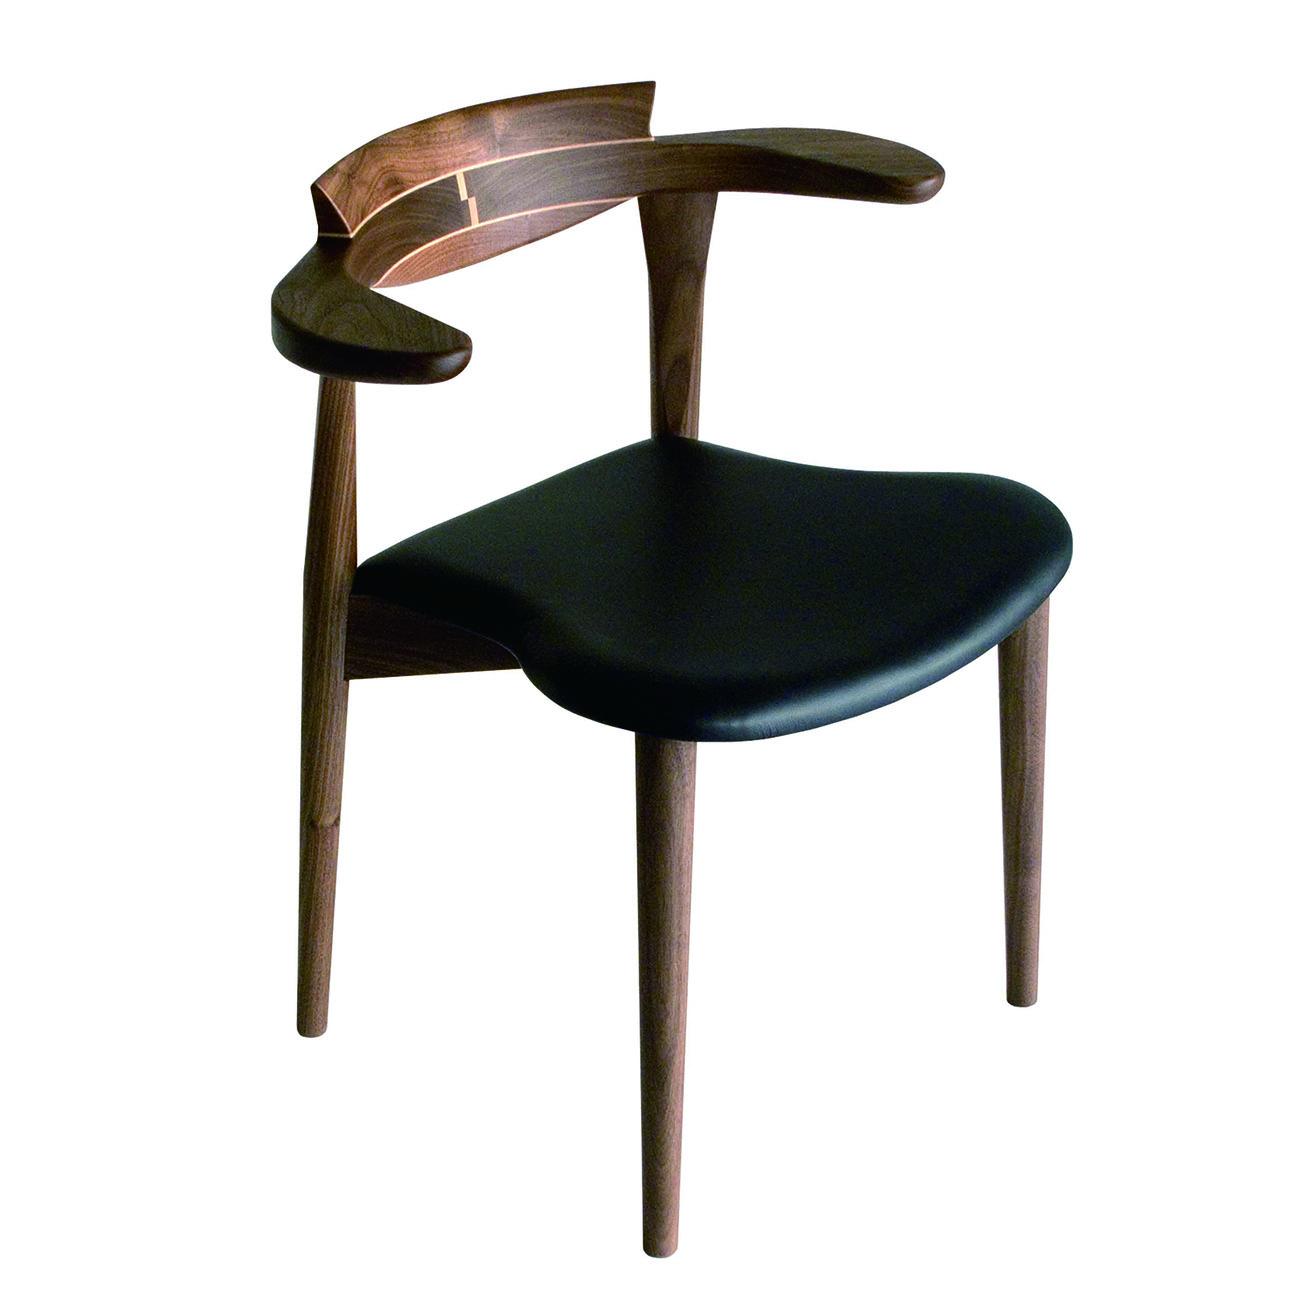 腰の椅子 Awaza 2  スタッキングチェア ウォールナット 座面革張  いのうえアソシエーツ